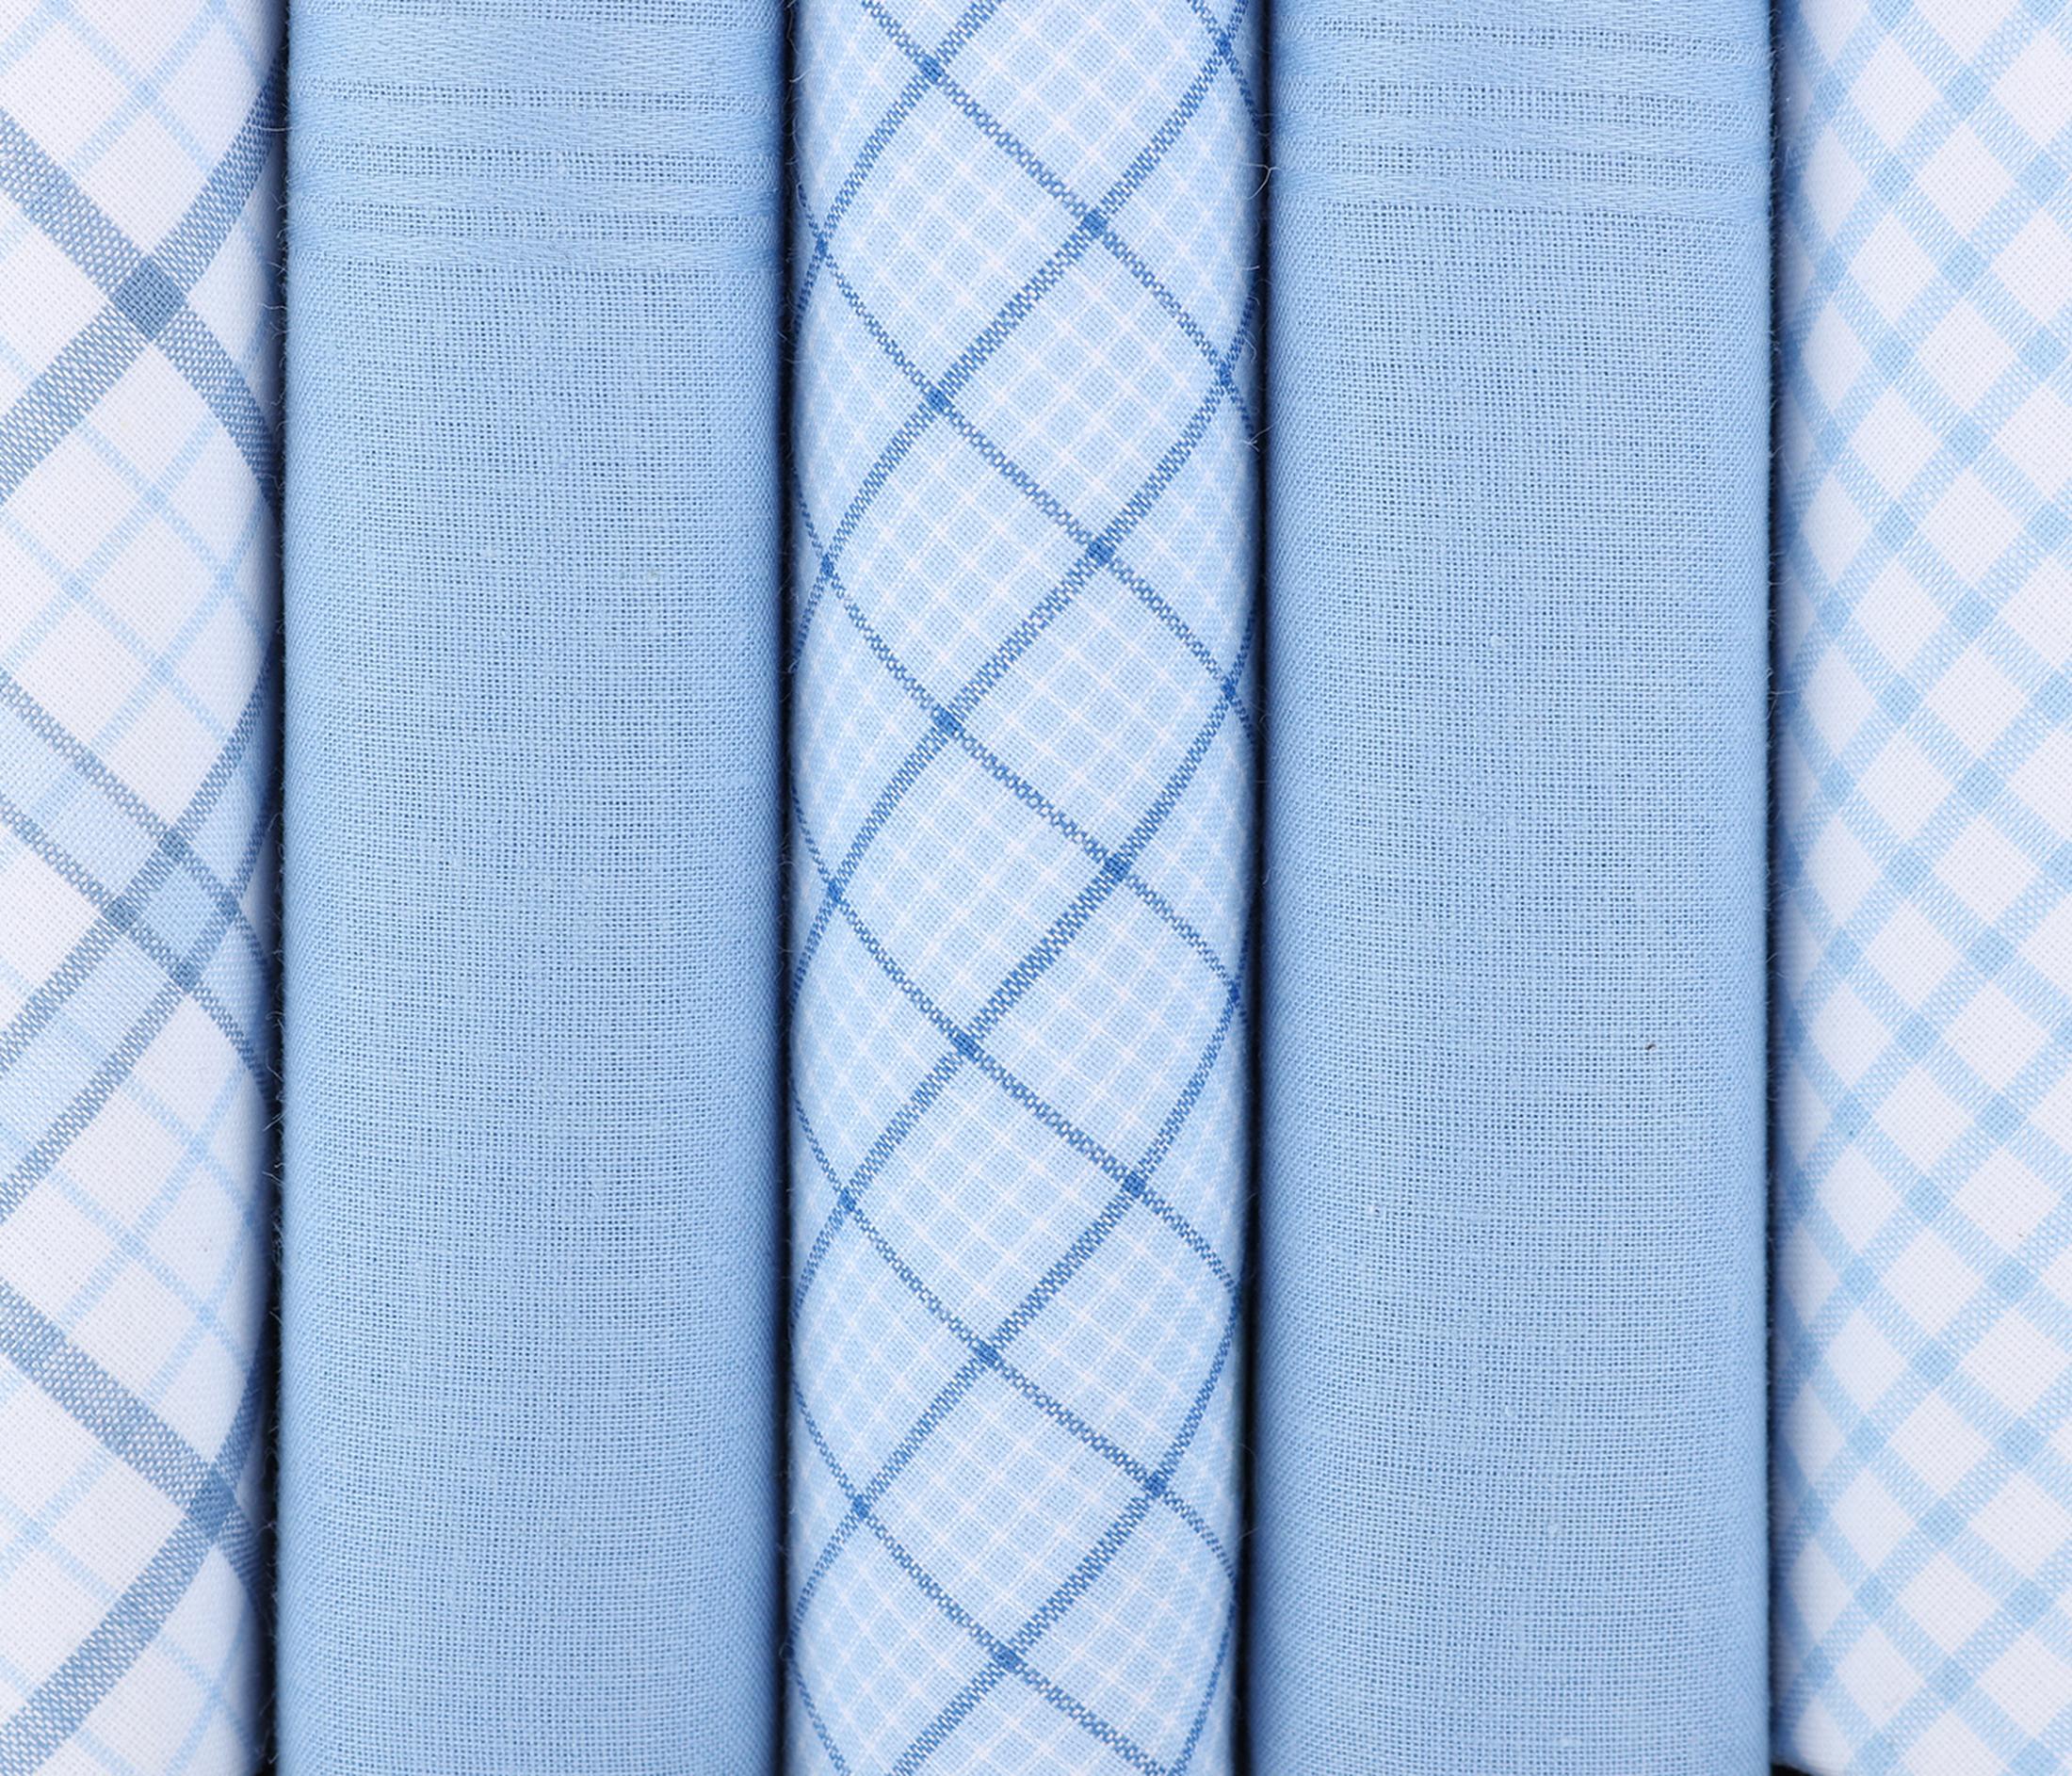 Suitable Zakdoeken Blauwe Ruit foto 1